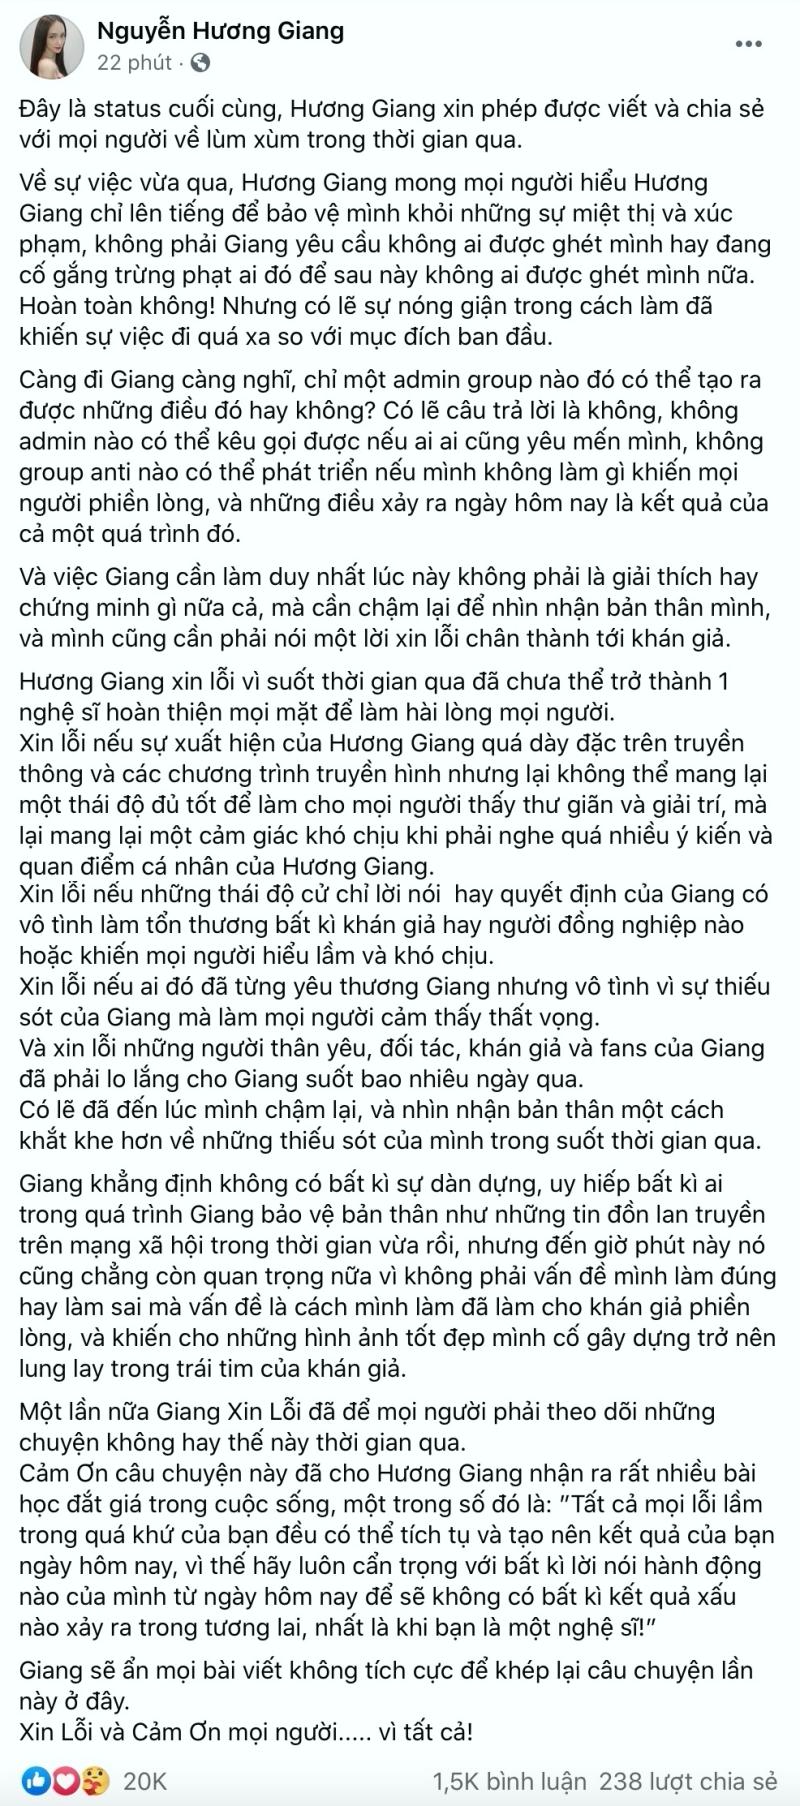 Hương Giang chính thức gửi lời xin lỗi đến khán giả sau ồn ào bị cộng đồng mạng tẩy chay